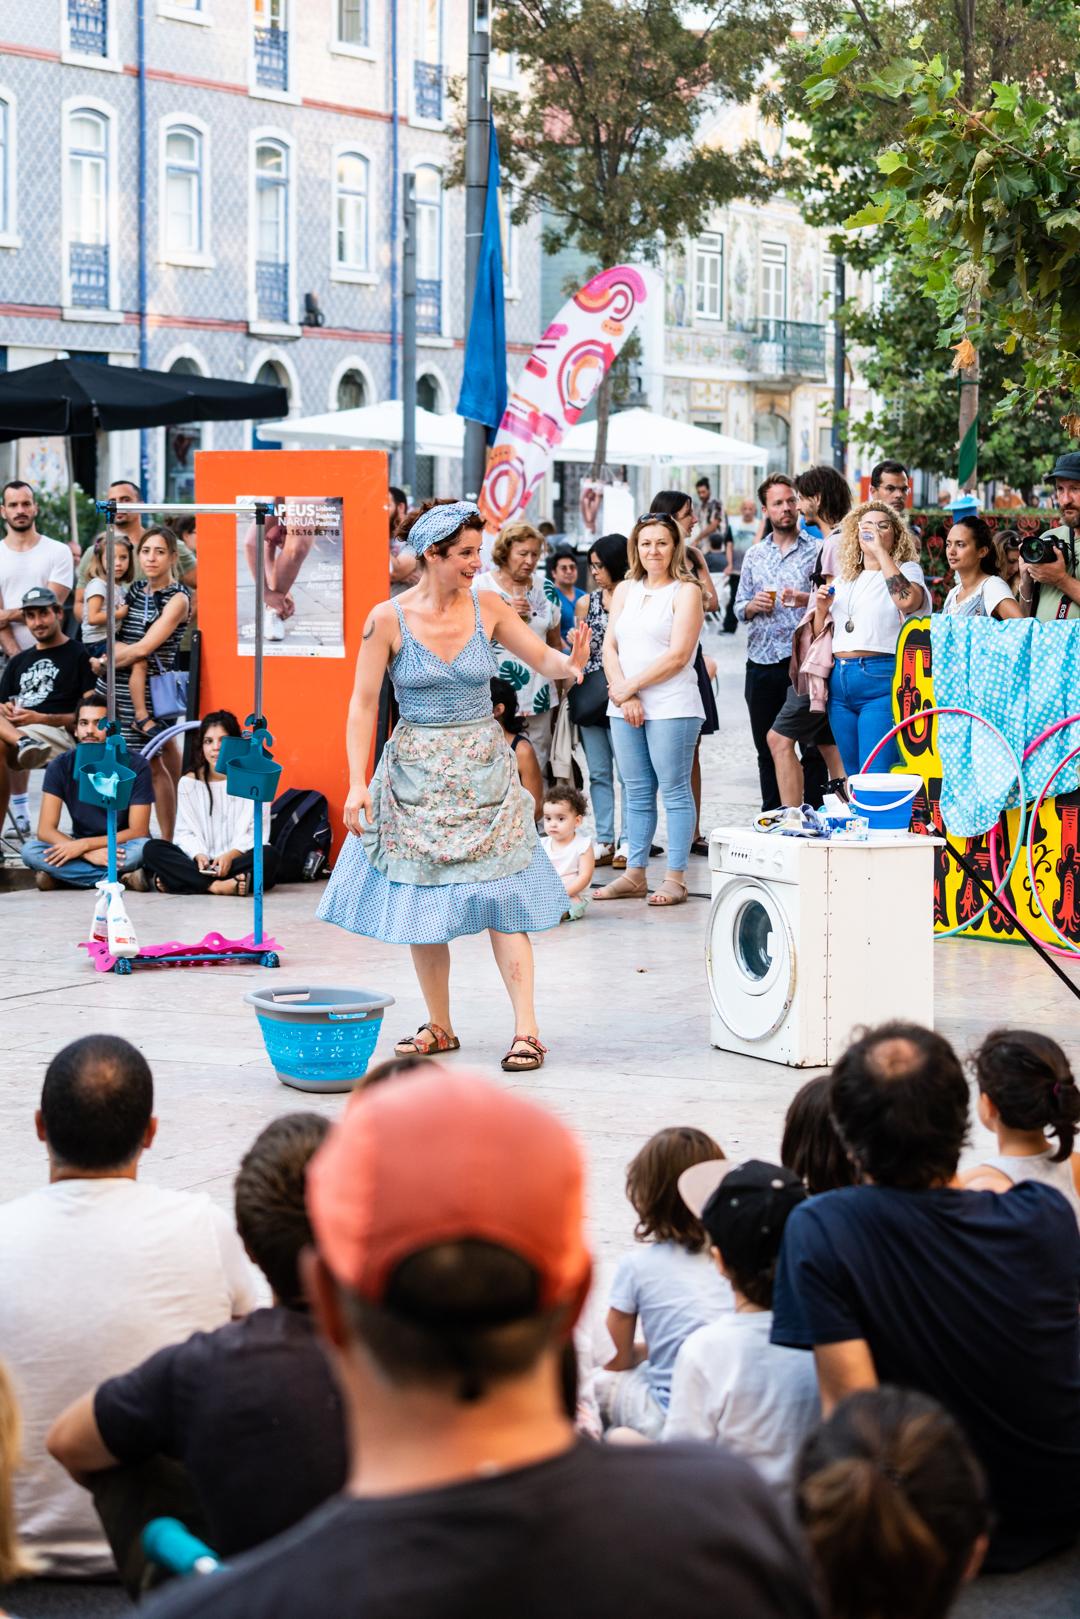 Pessoas de frente e de costas para o observador, sentadas em círculo no meio de uma praça. No meio desse círculo estão uma mulher, de pé, de frente para o observador, uma máquina de lavar roupa e um cesto.